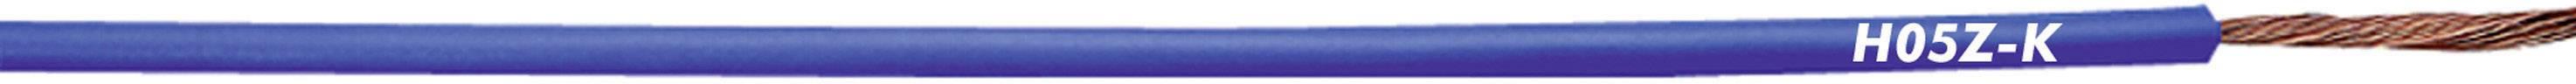 Opletenie / lanko LappKabel 4725073 H05Z-K, 1 x 1 mm², vonkajší Ø 2.50 mm, metrový tovar, fialová